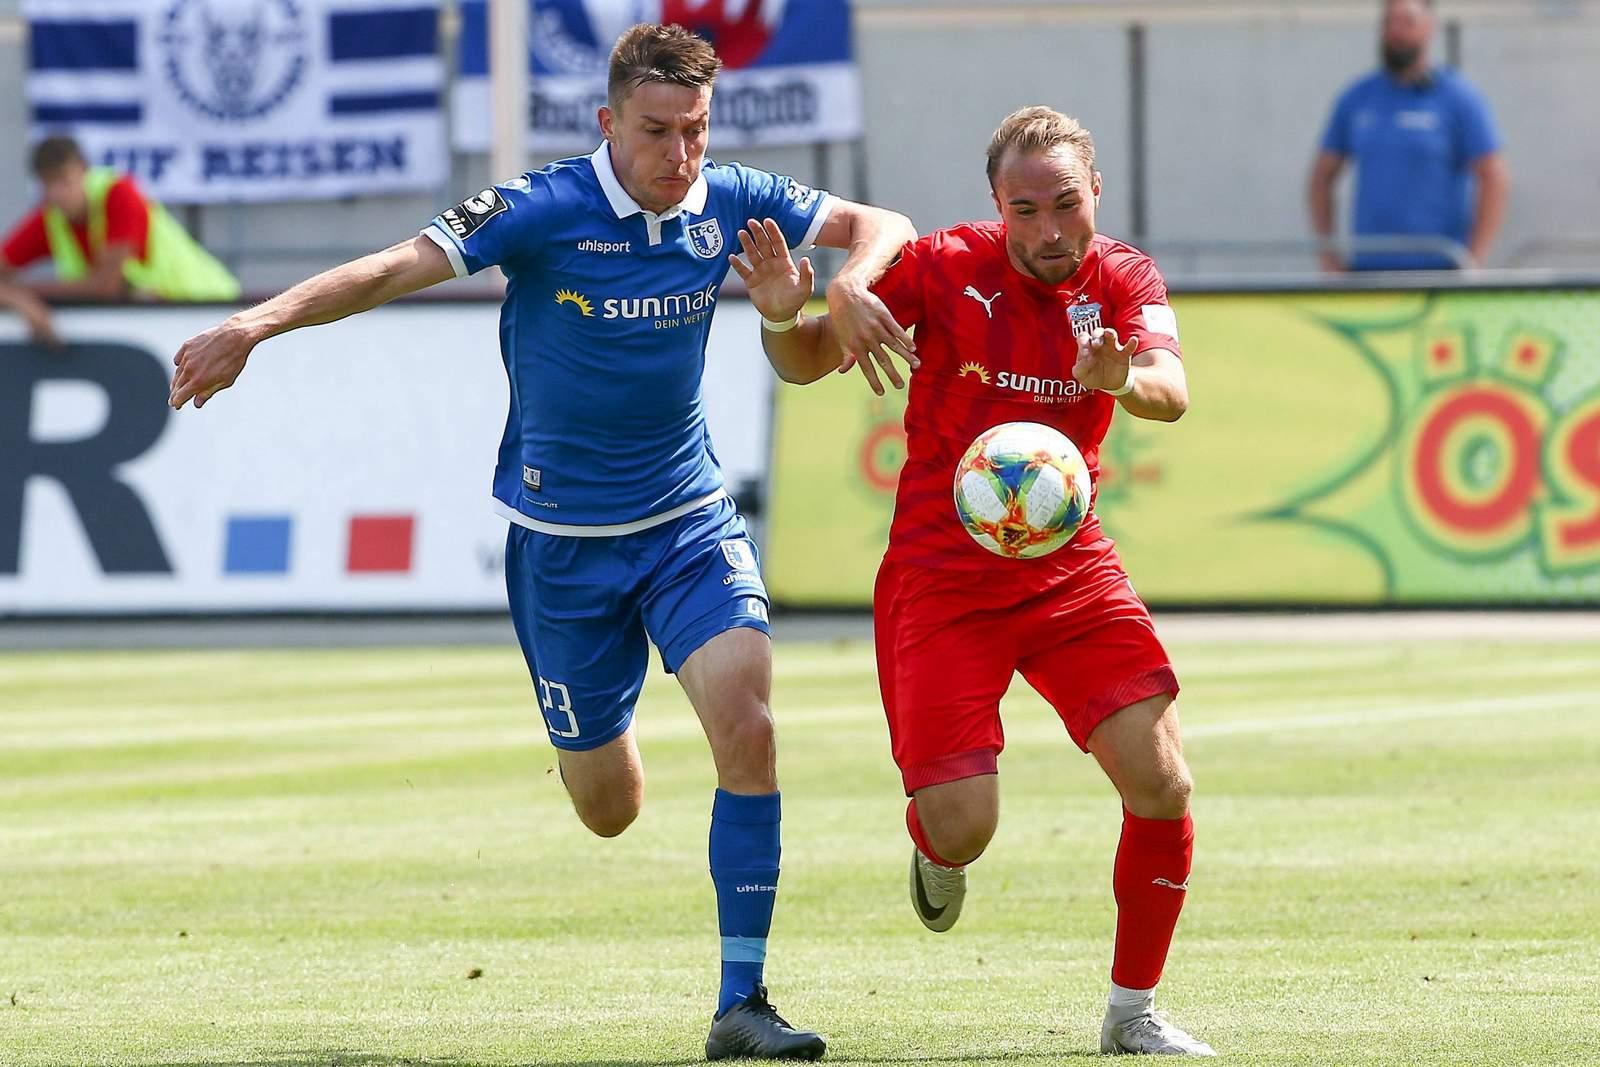 Charles Elie laprevotte vom 1. FC Magdeburg gegen Fabio Viteritti vom FSV Zwickau